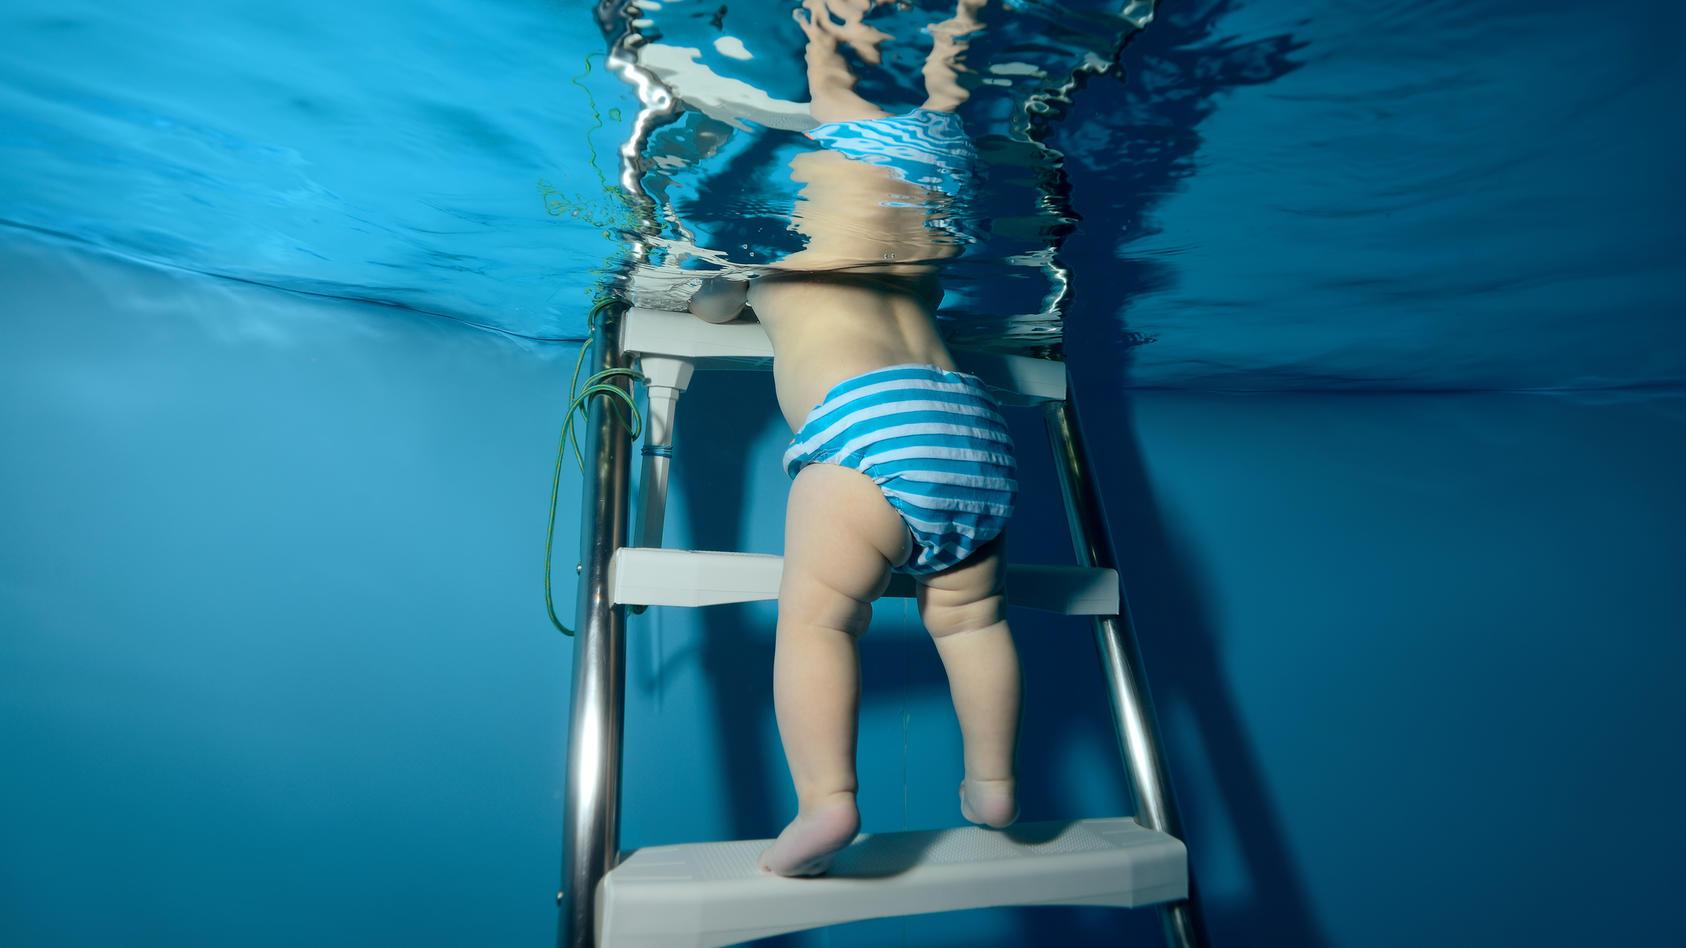 Spaßiges Planschen ohne Malheur: Mit der Schwimmwindel geht auch im Wasser nichts daneben.